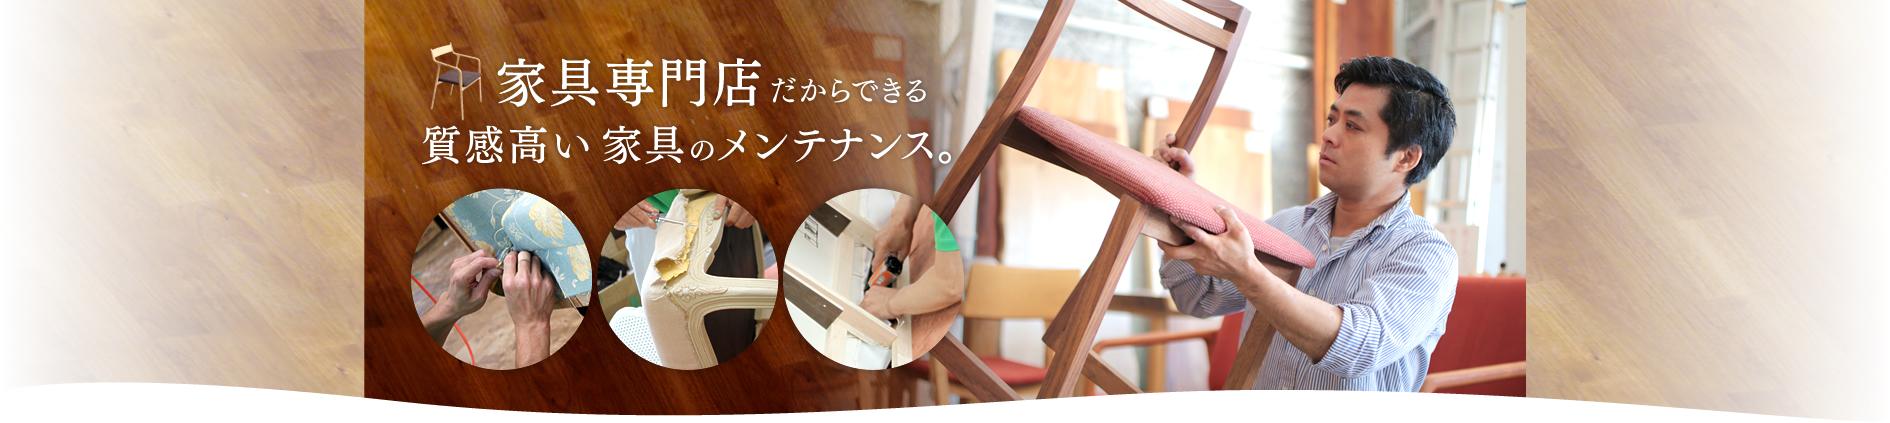 家具専門店だからできる、質感高い家具のメンテナンス。